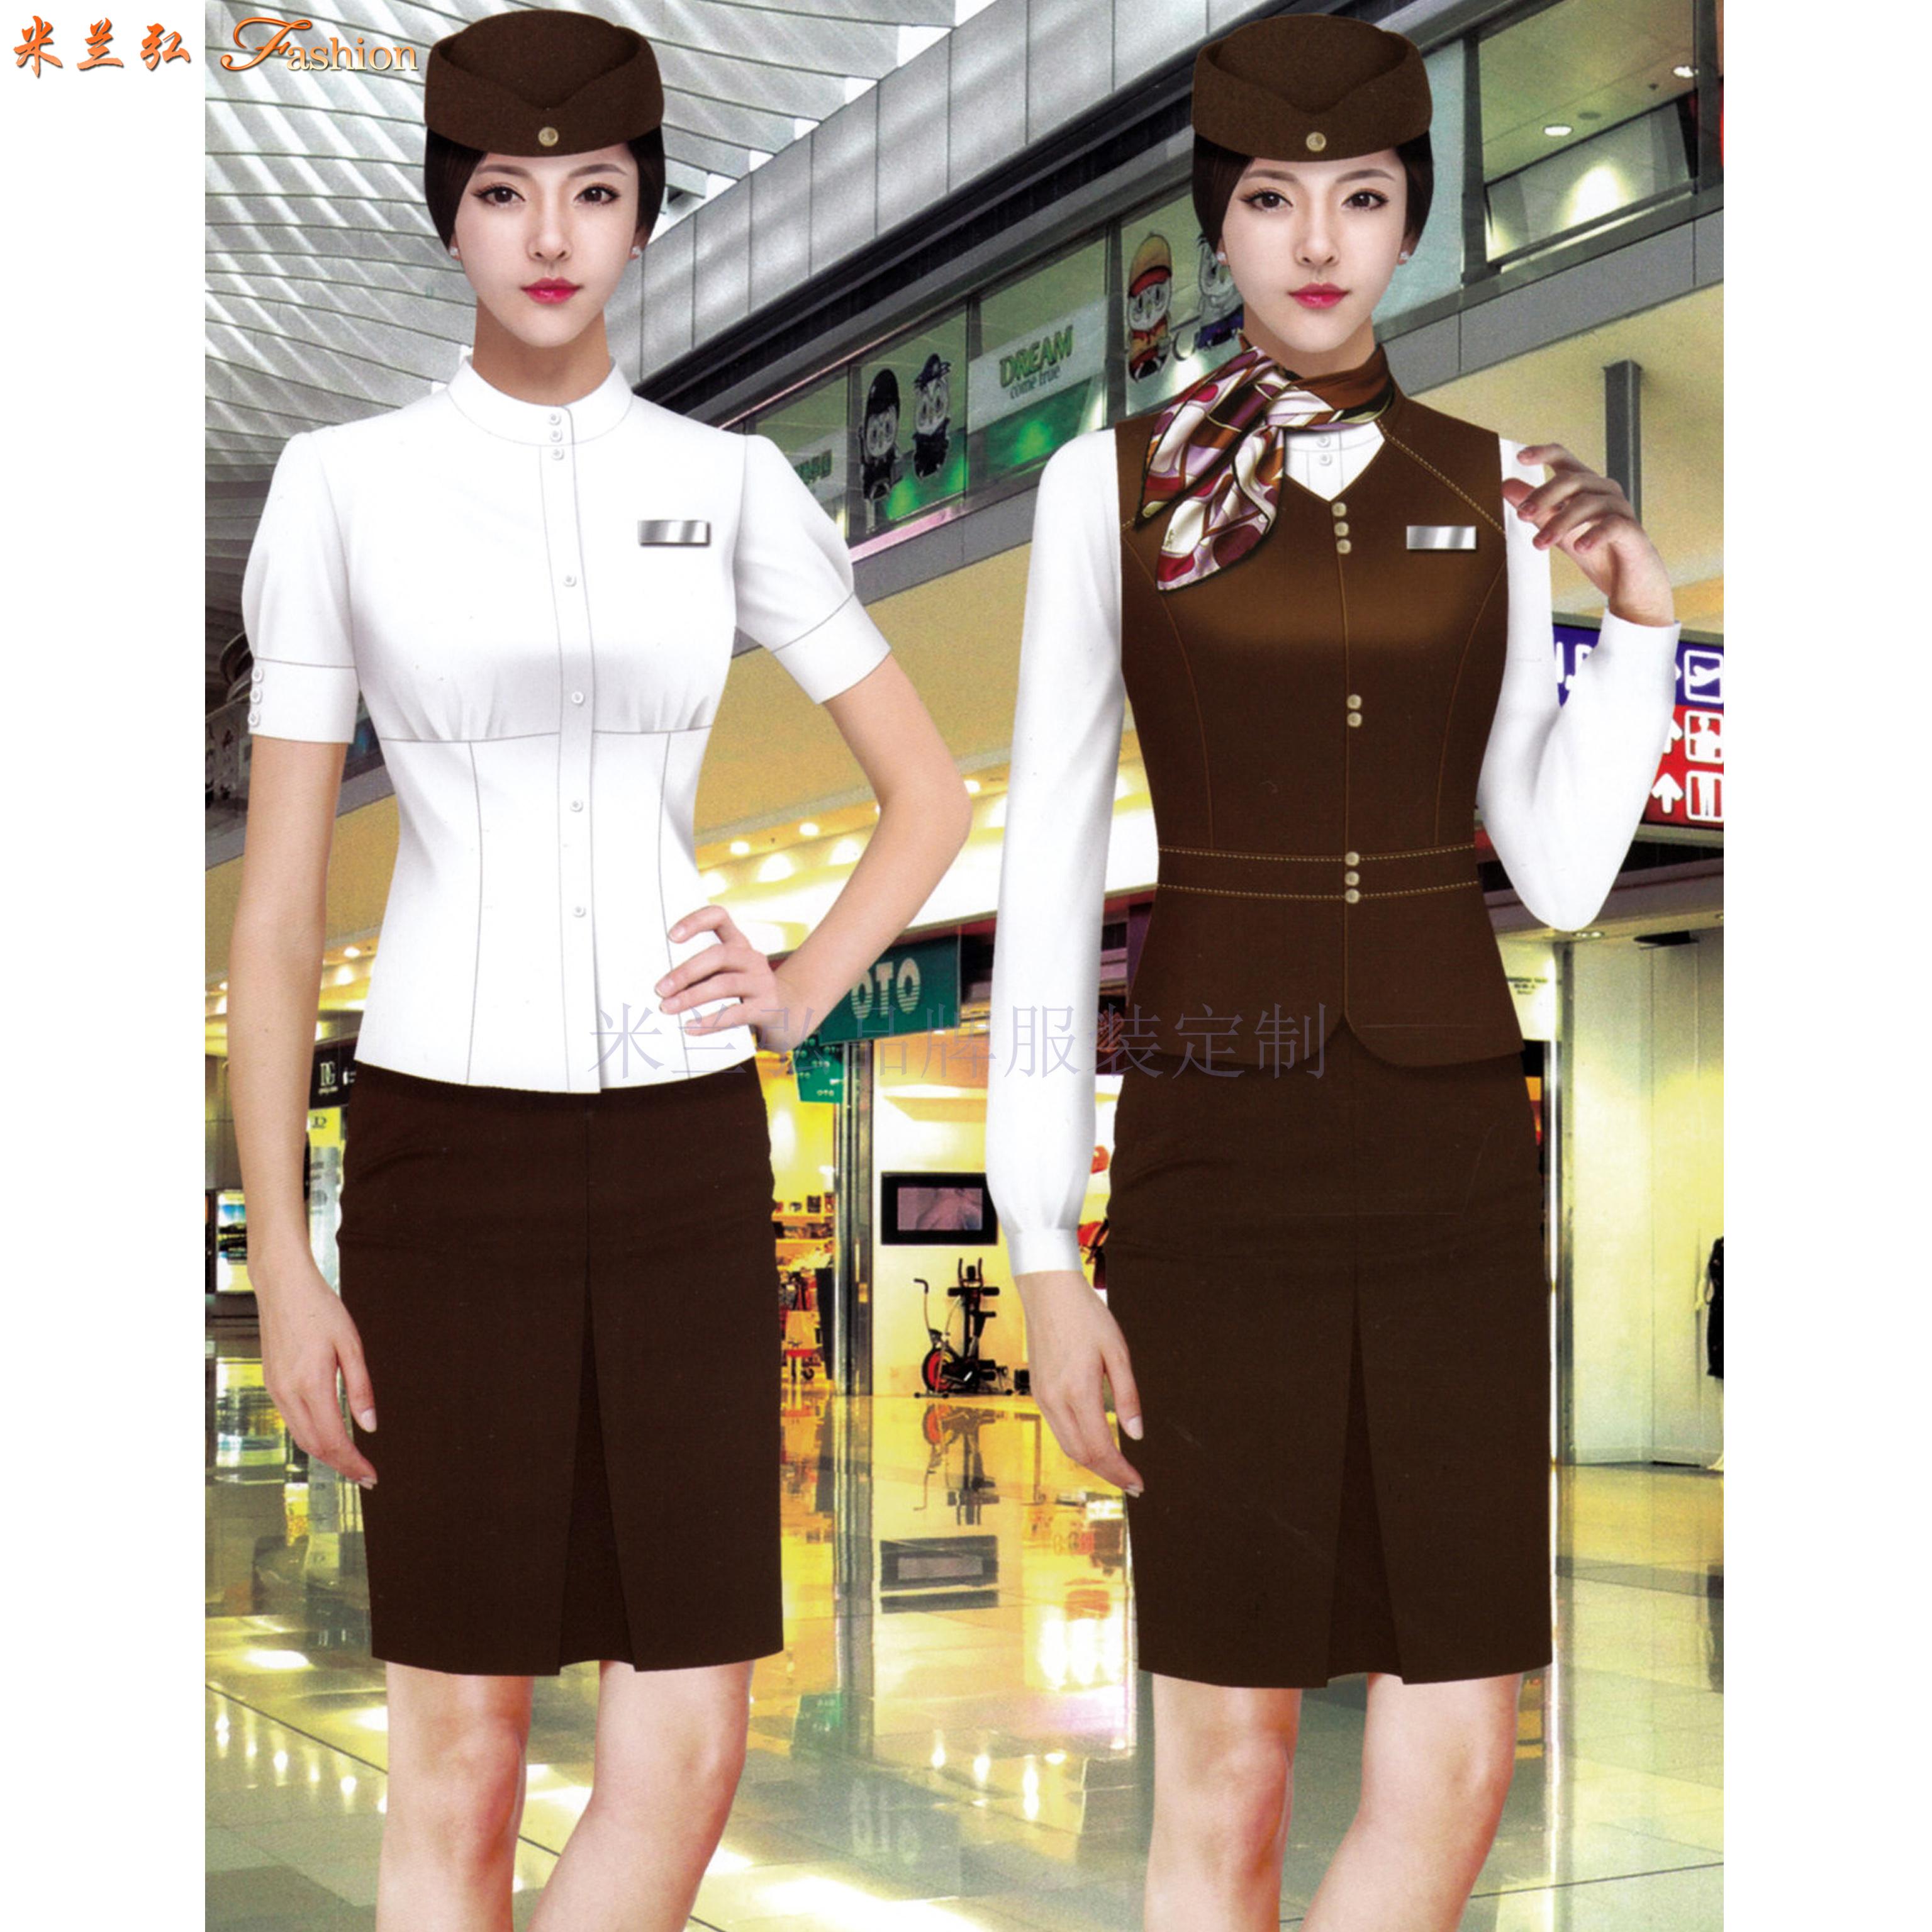 「濟南空姐服定制」「濟南空乘服訂做」推薦式樣時髦米蘭弘服裝-1